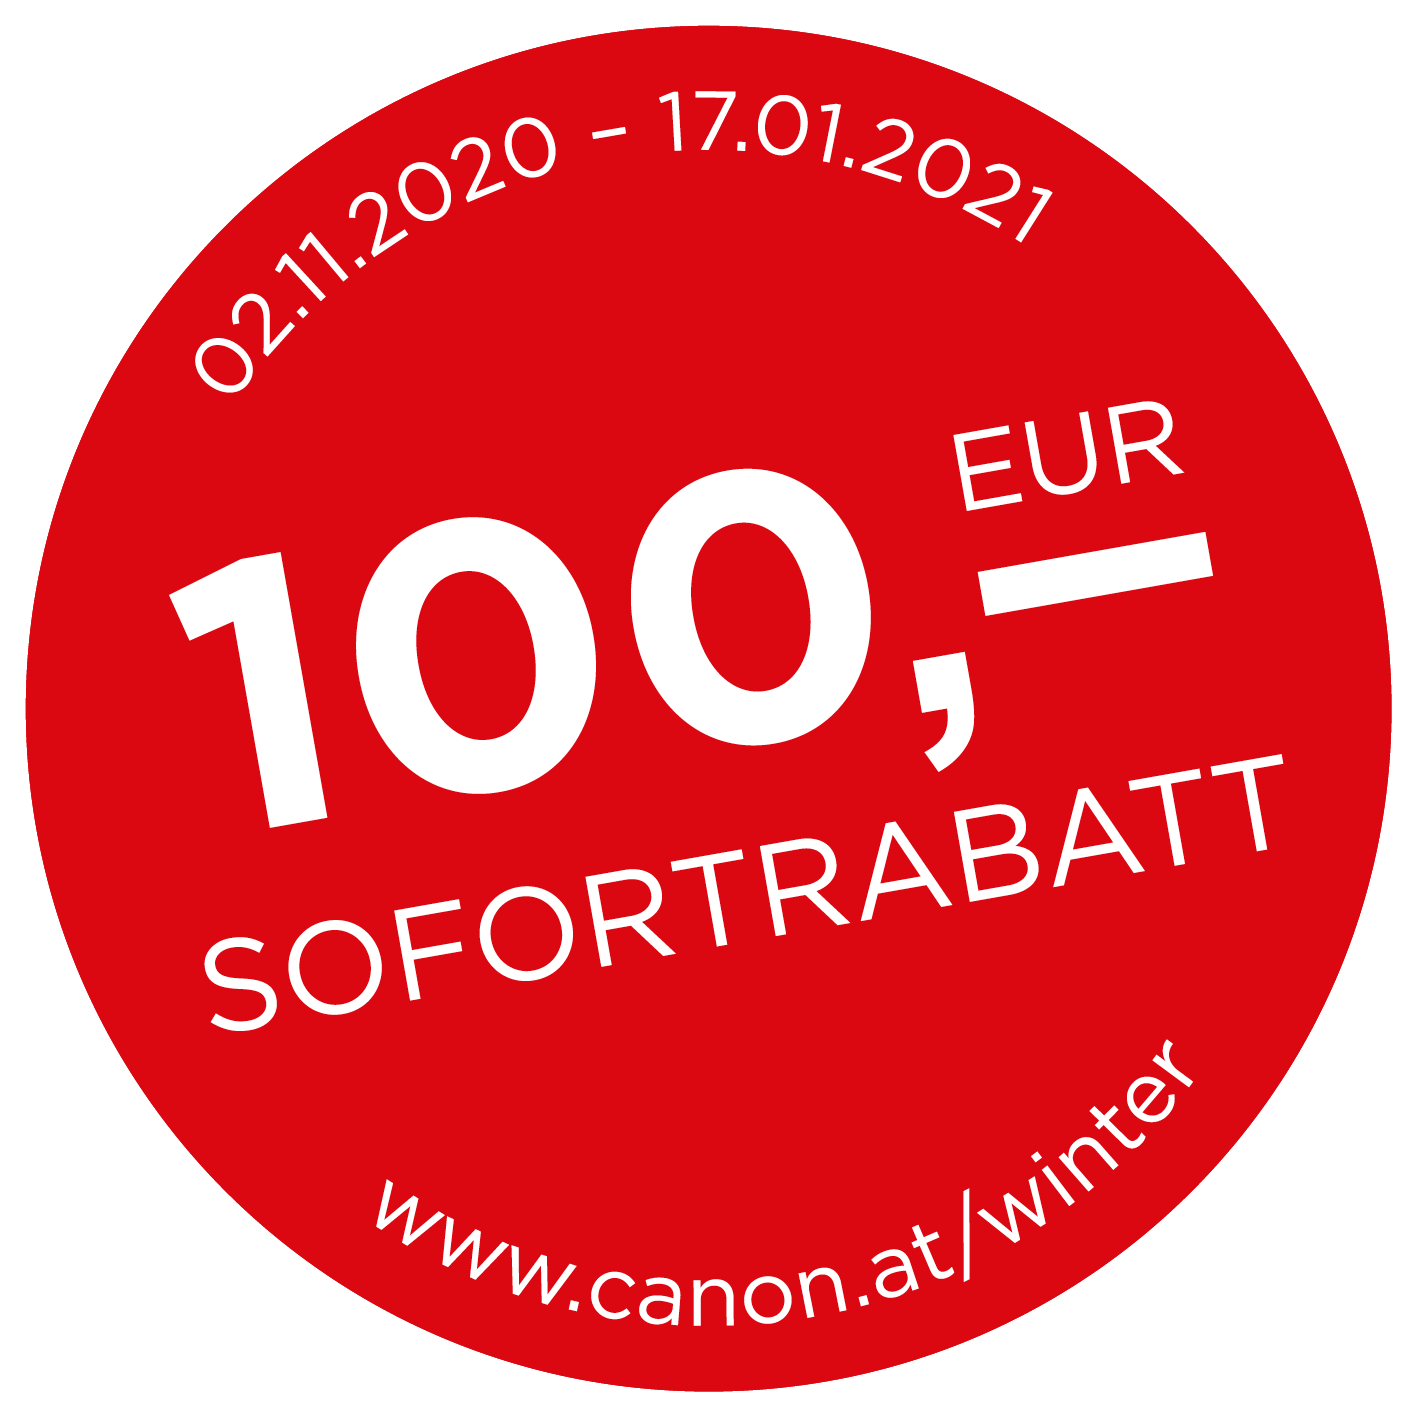 CANON_WINTER_100